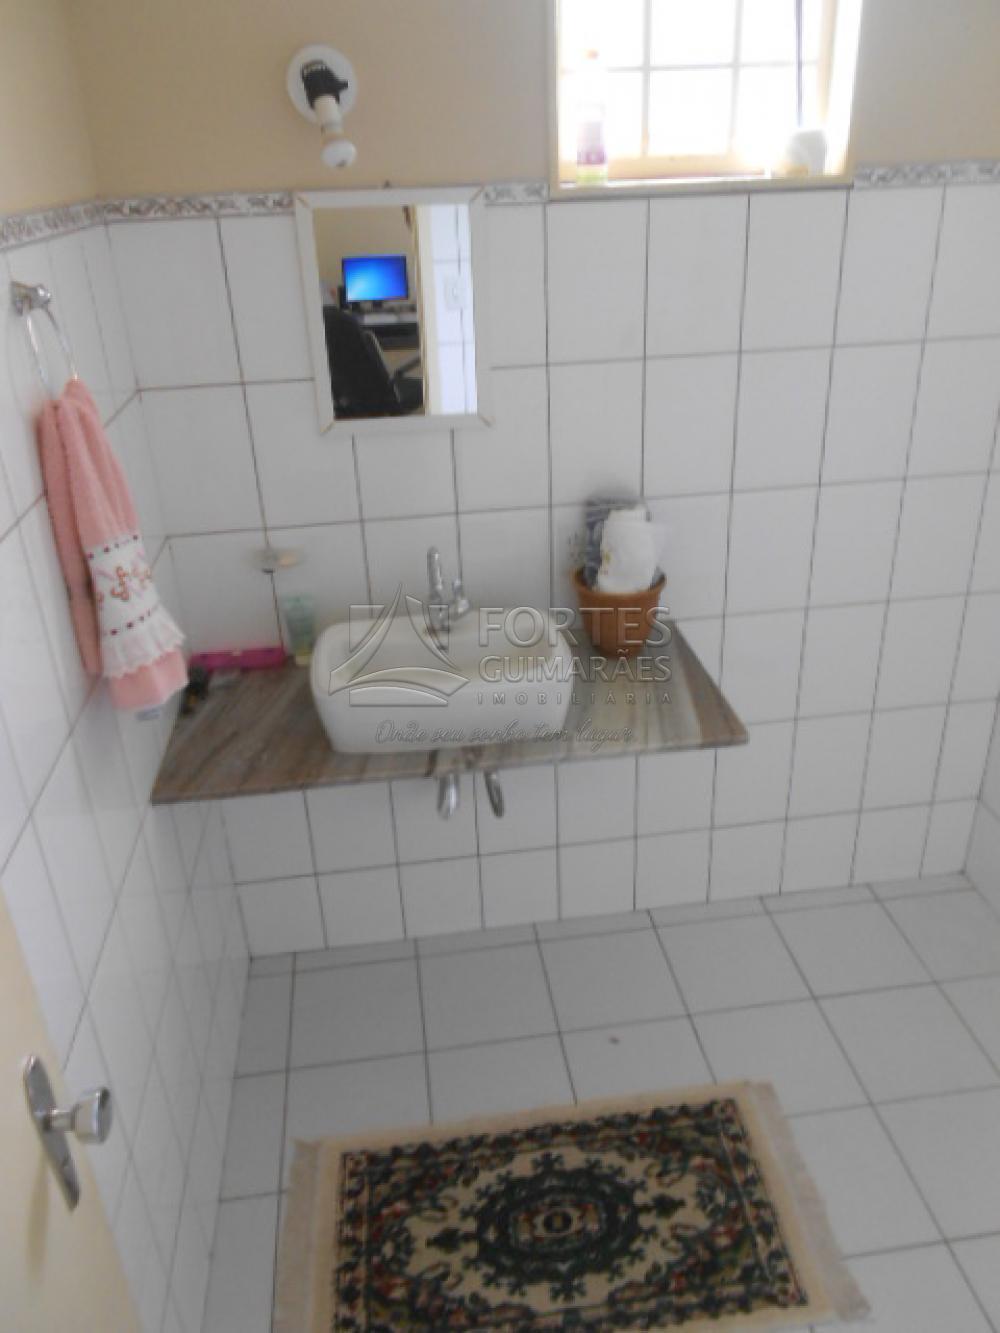 Alugar Comercial / Imóvel Comercial em Ribeirão Preto apenas R$ 3.000,00 - Foto 46